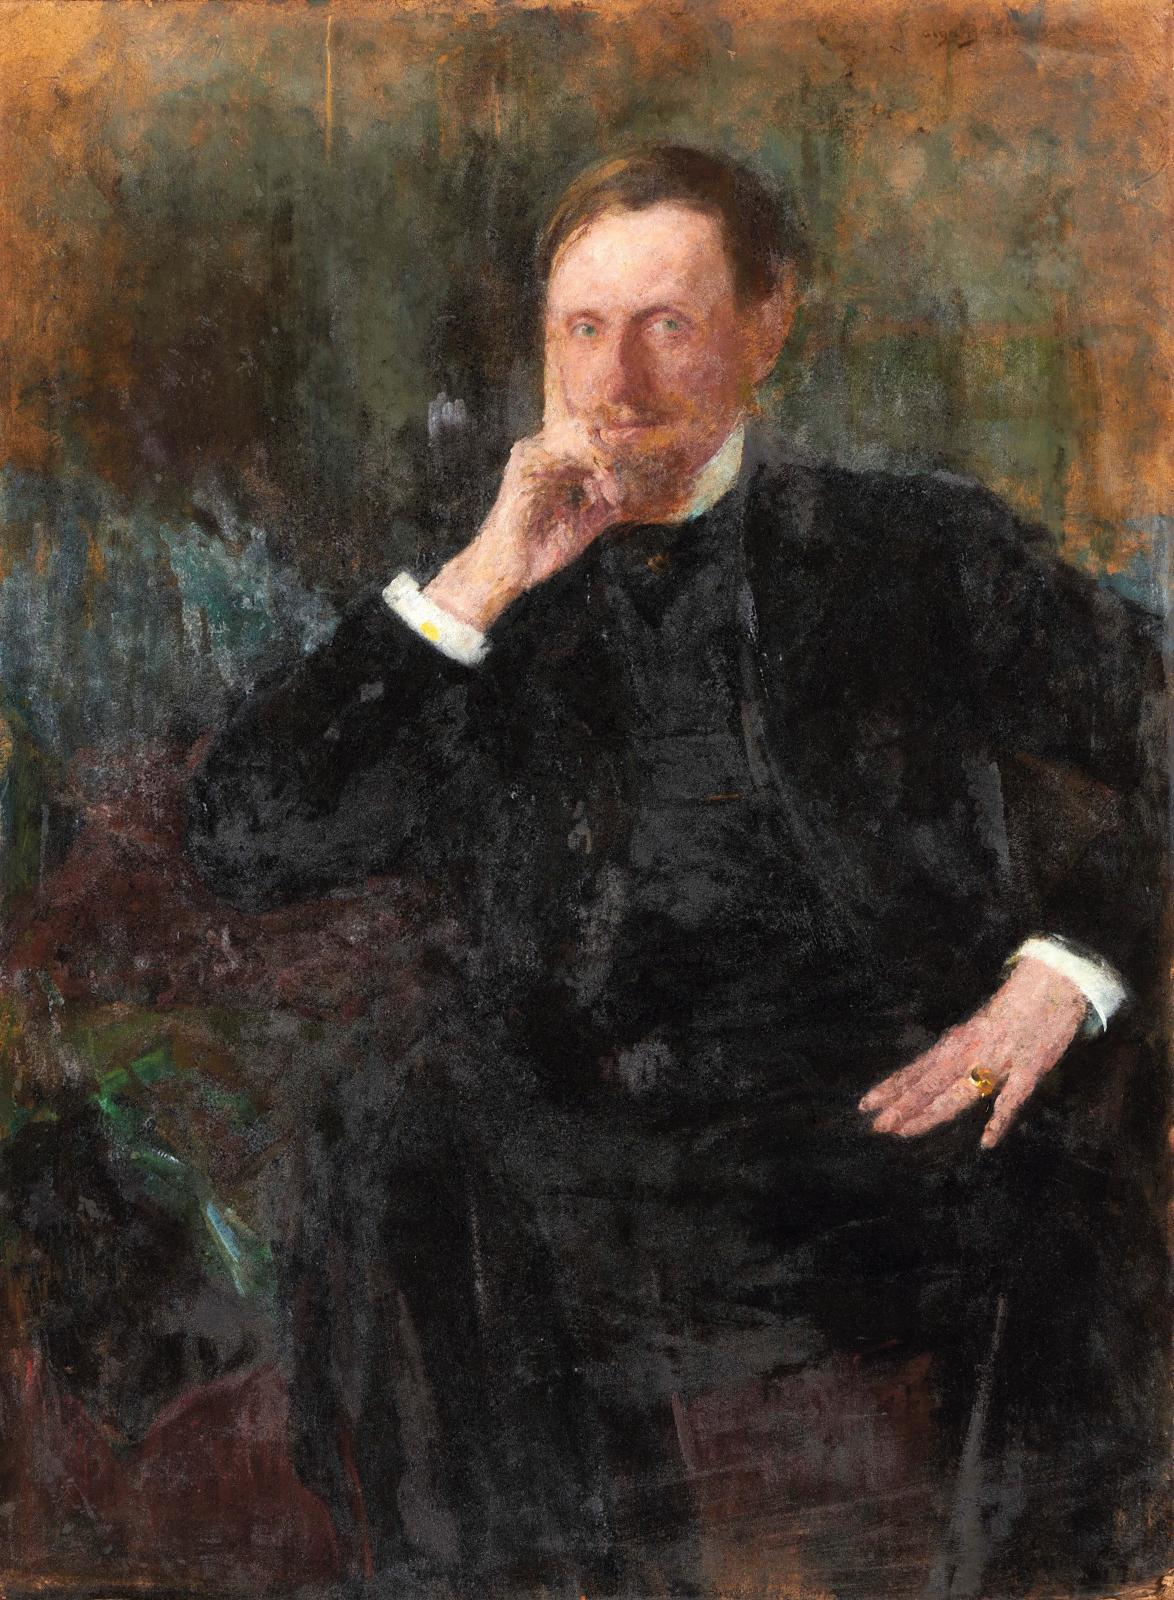 Olga Boznanska (1865-1940), Portrait presumed to be of Louis Libaude, 1904, oil on cardboard, 108 x 80 cm/42.5 x 31.5 in.Estimate: €50,000